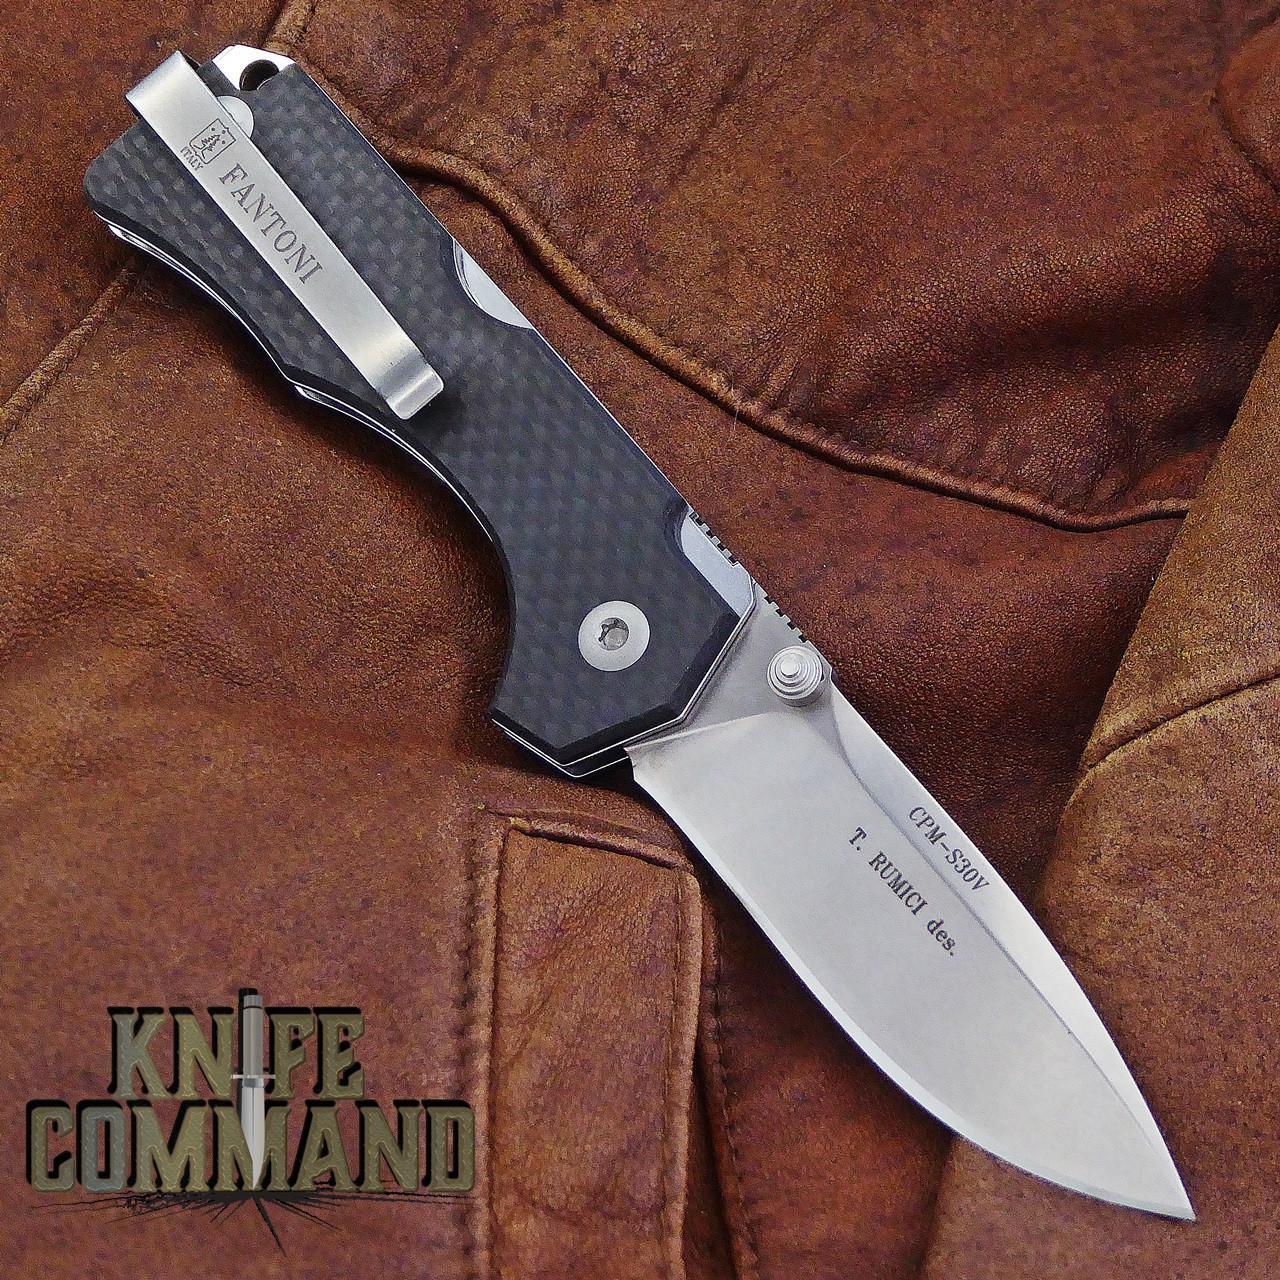 Fantoni Hide Carbon Fiber Lockback Folding Knife by Tommaso Rumici.